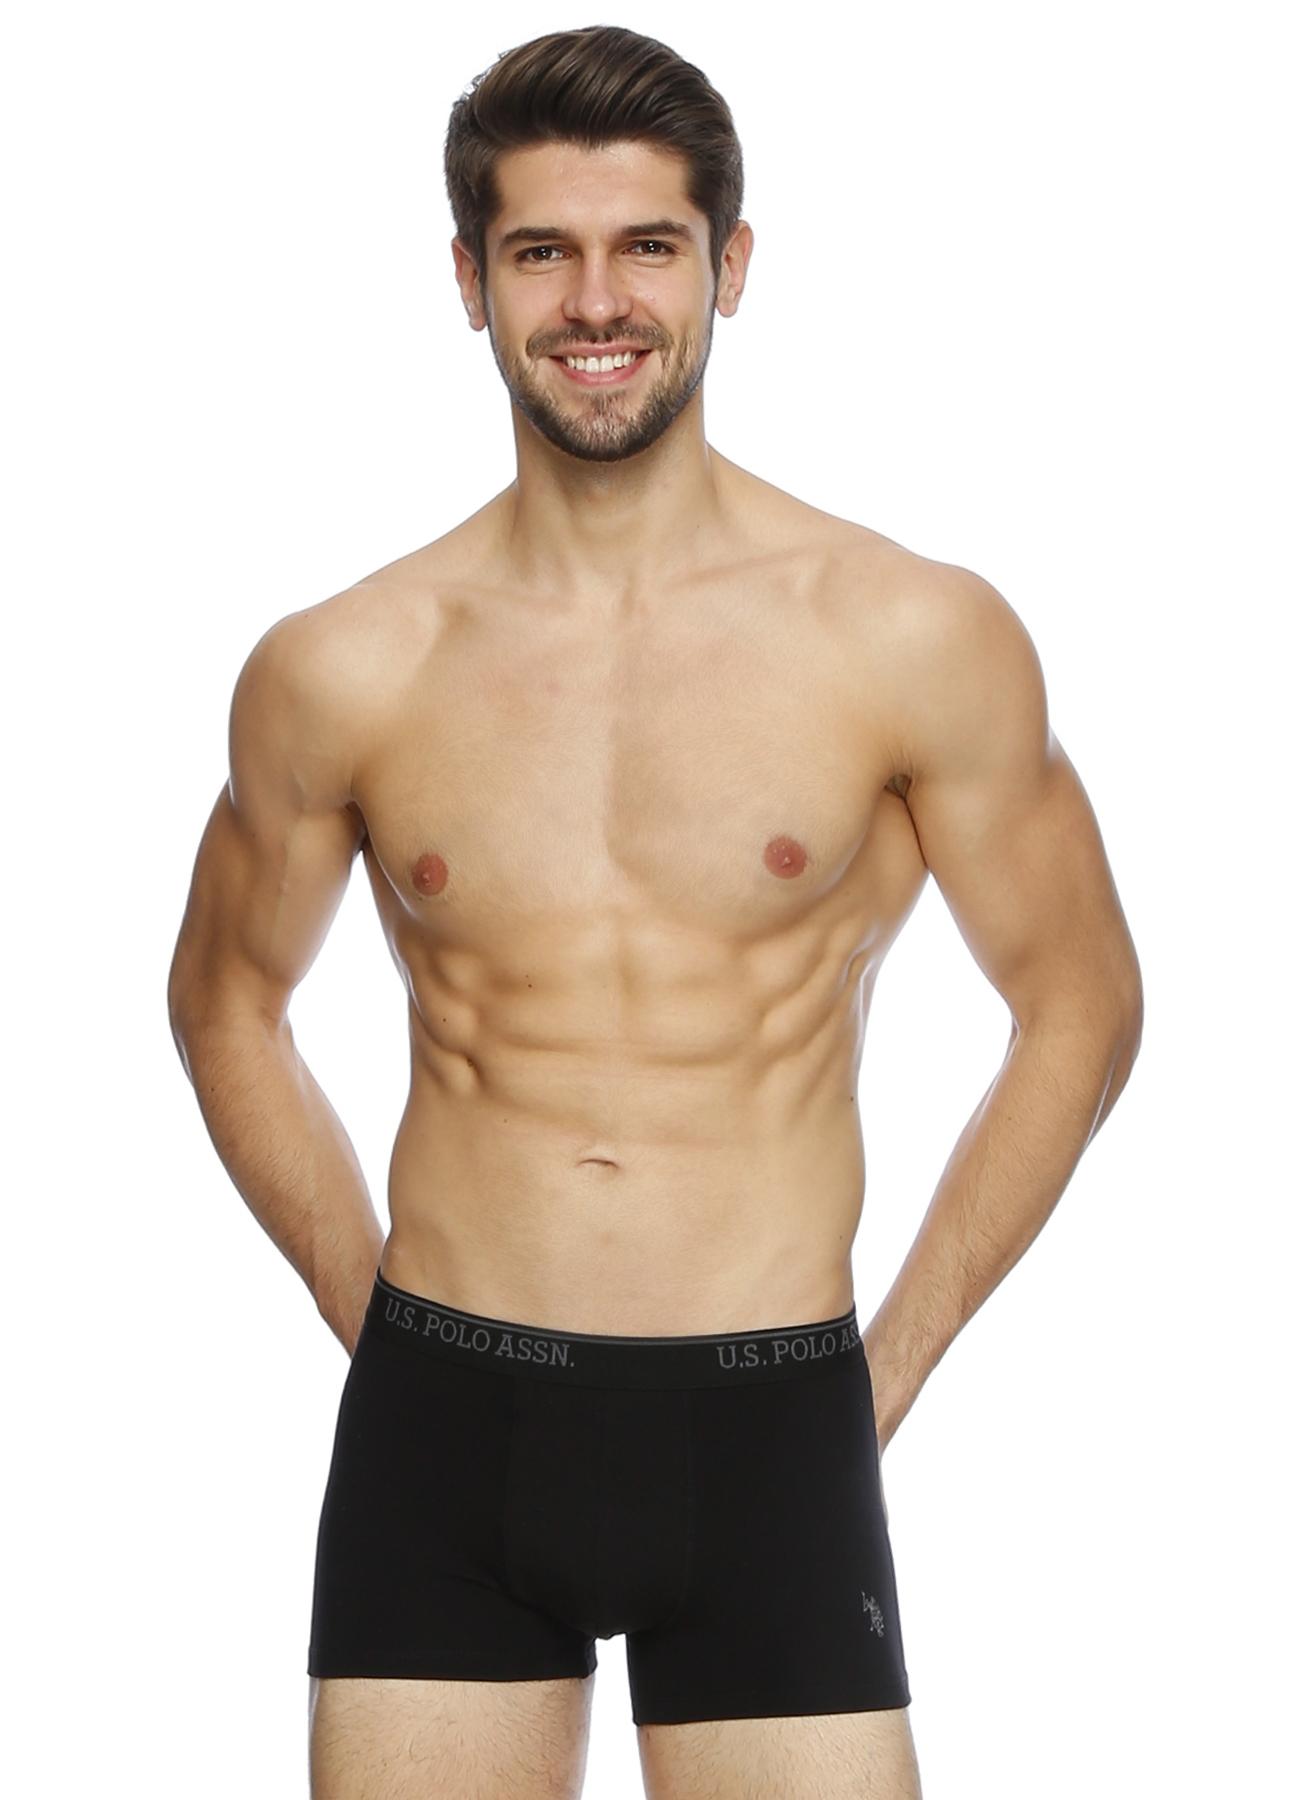 U.S. Polo Assn. Siyah Boxer M 5000189687002 Ürün Resmi